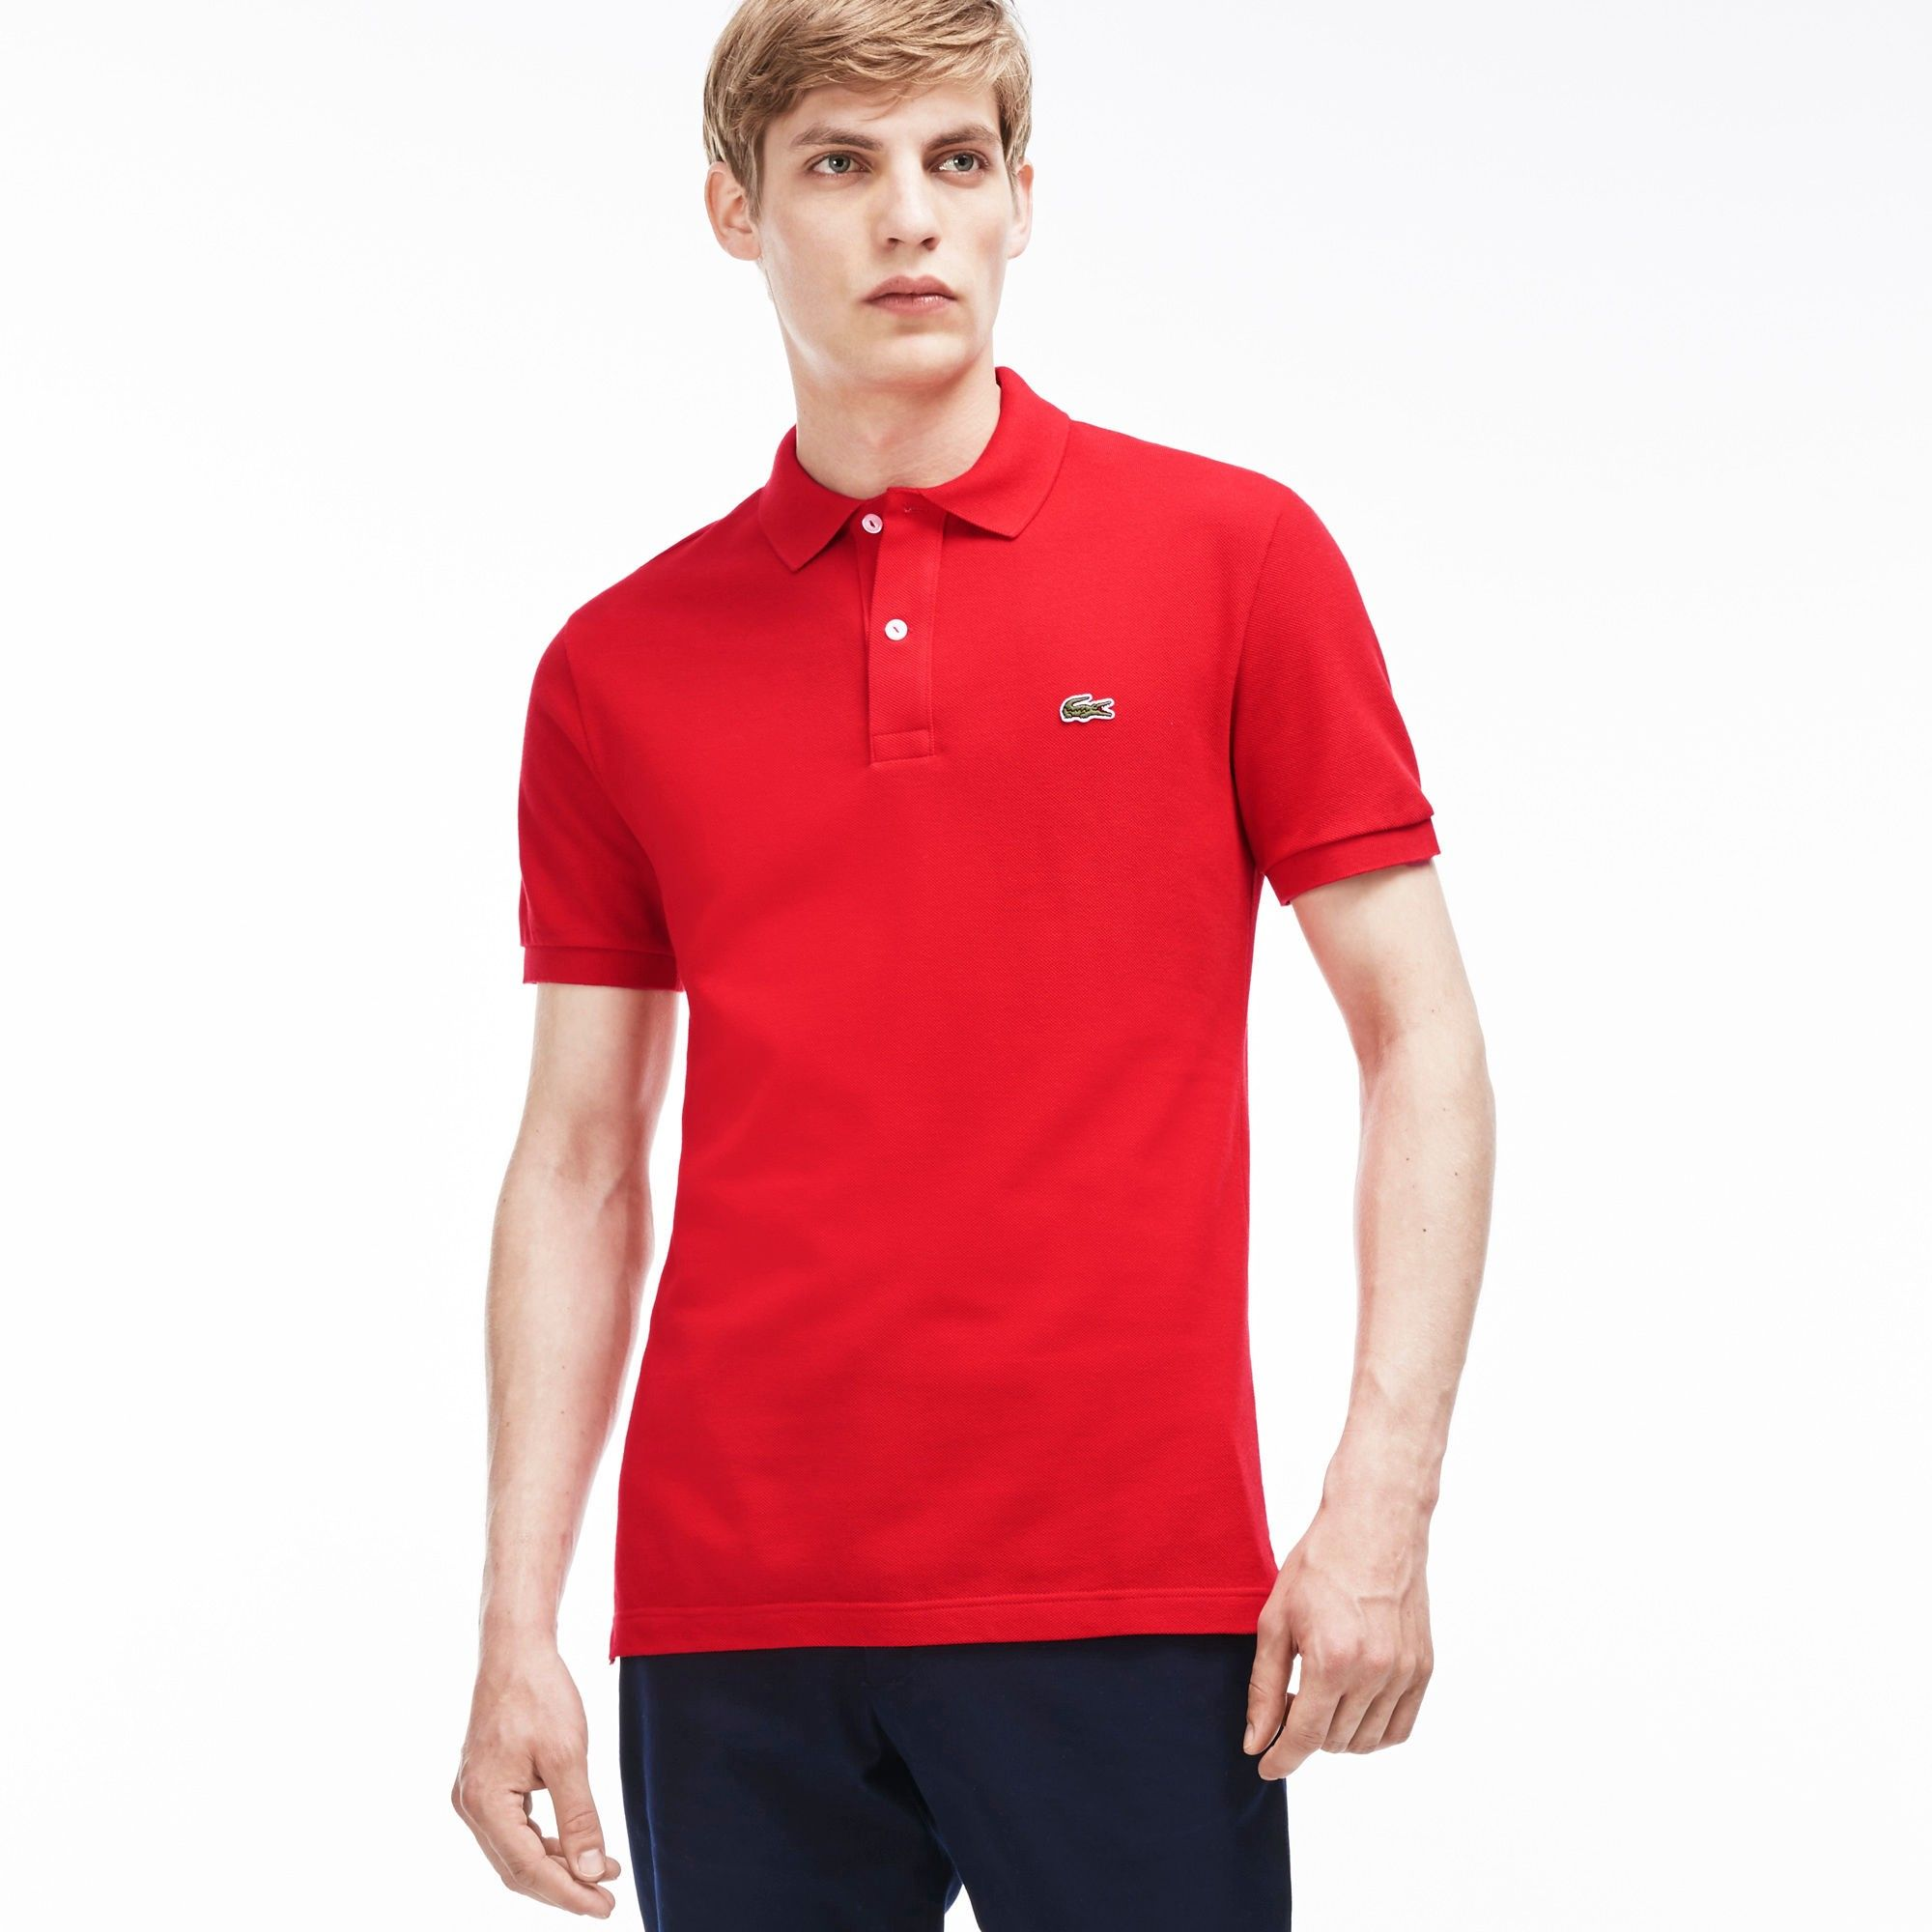 3ec9a6b8 LACOSTE Men's Slim Fit Petit Piqué Polo Shirt - red. #lacoste #cloth ...